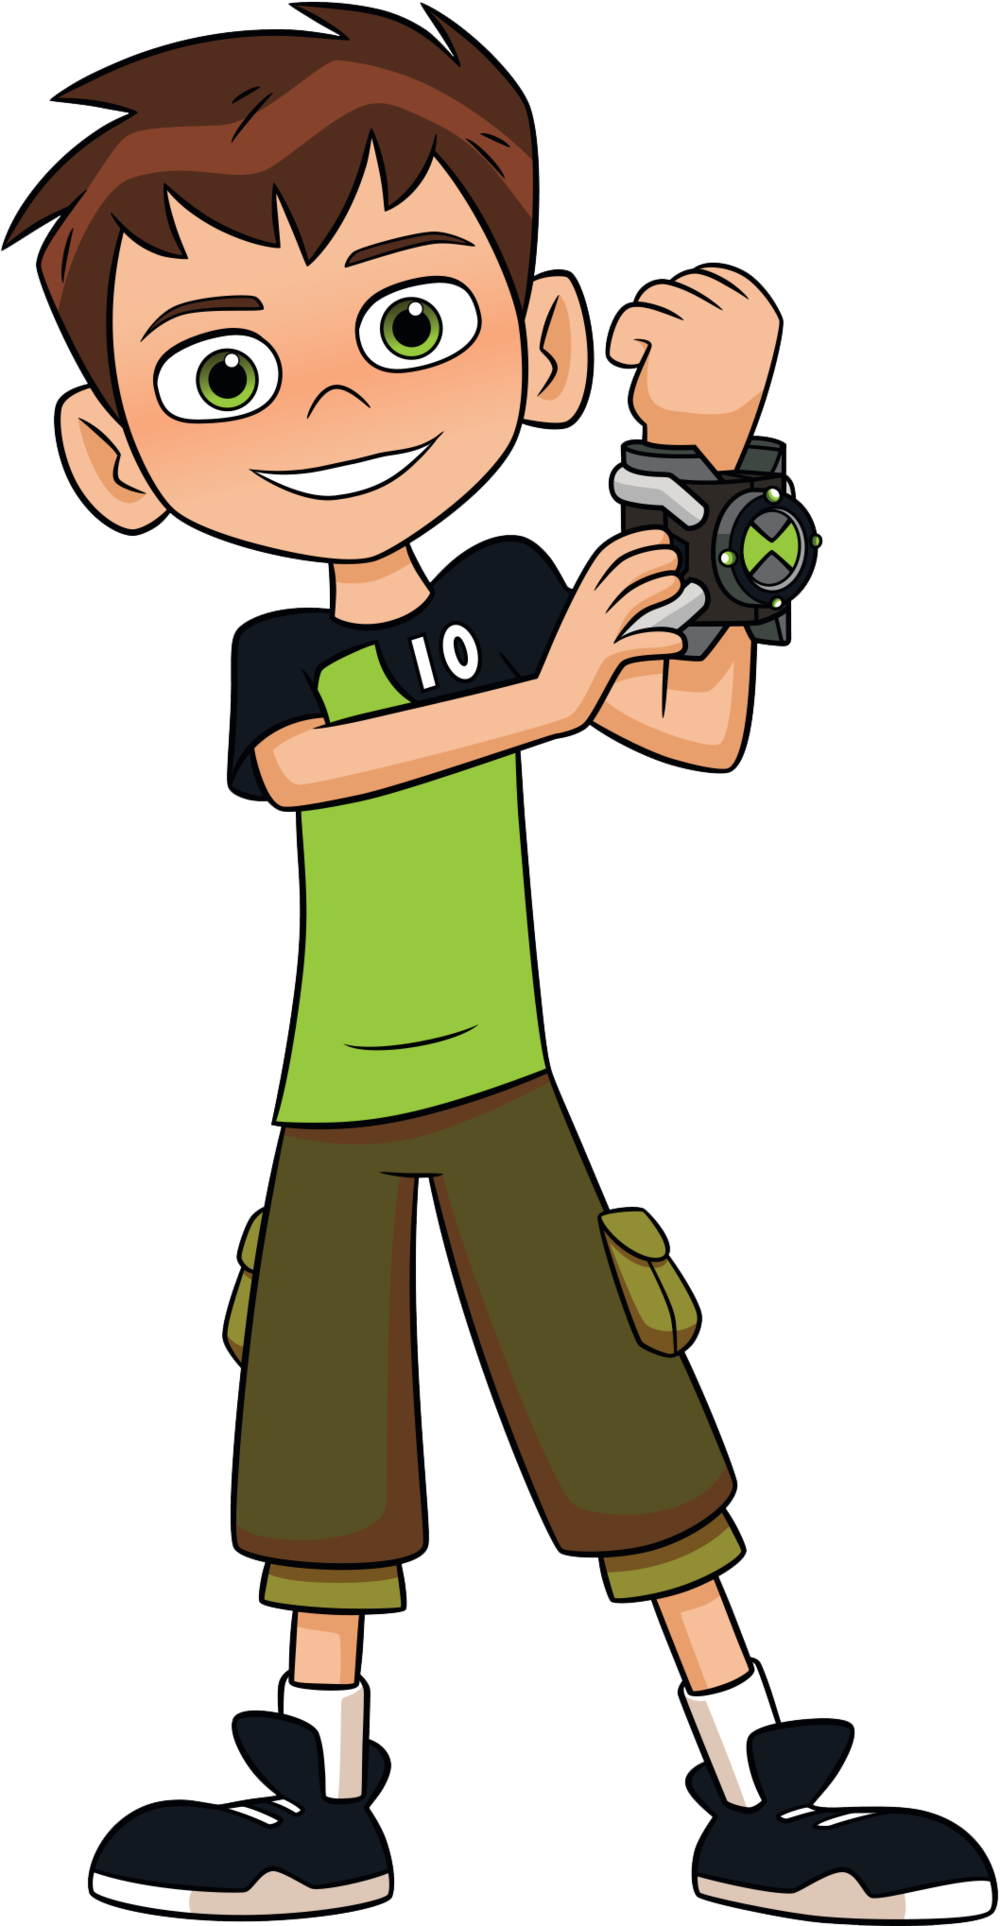 Omnitrix Earth 1010 Delta Ben 10 Fan Fiction Wiki Fandom Powered By Wikia Ben 10 Para Colorir Decoracao Ben 10 Bolo Do Ben 10